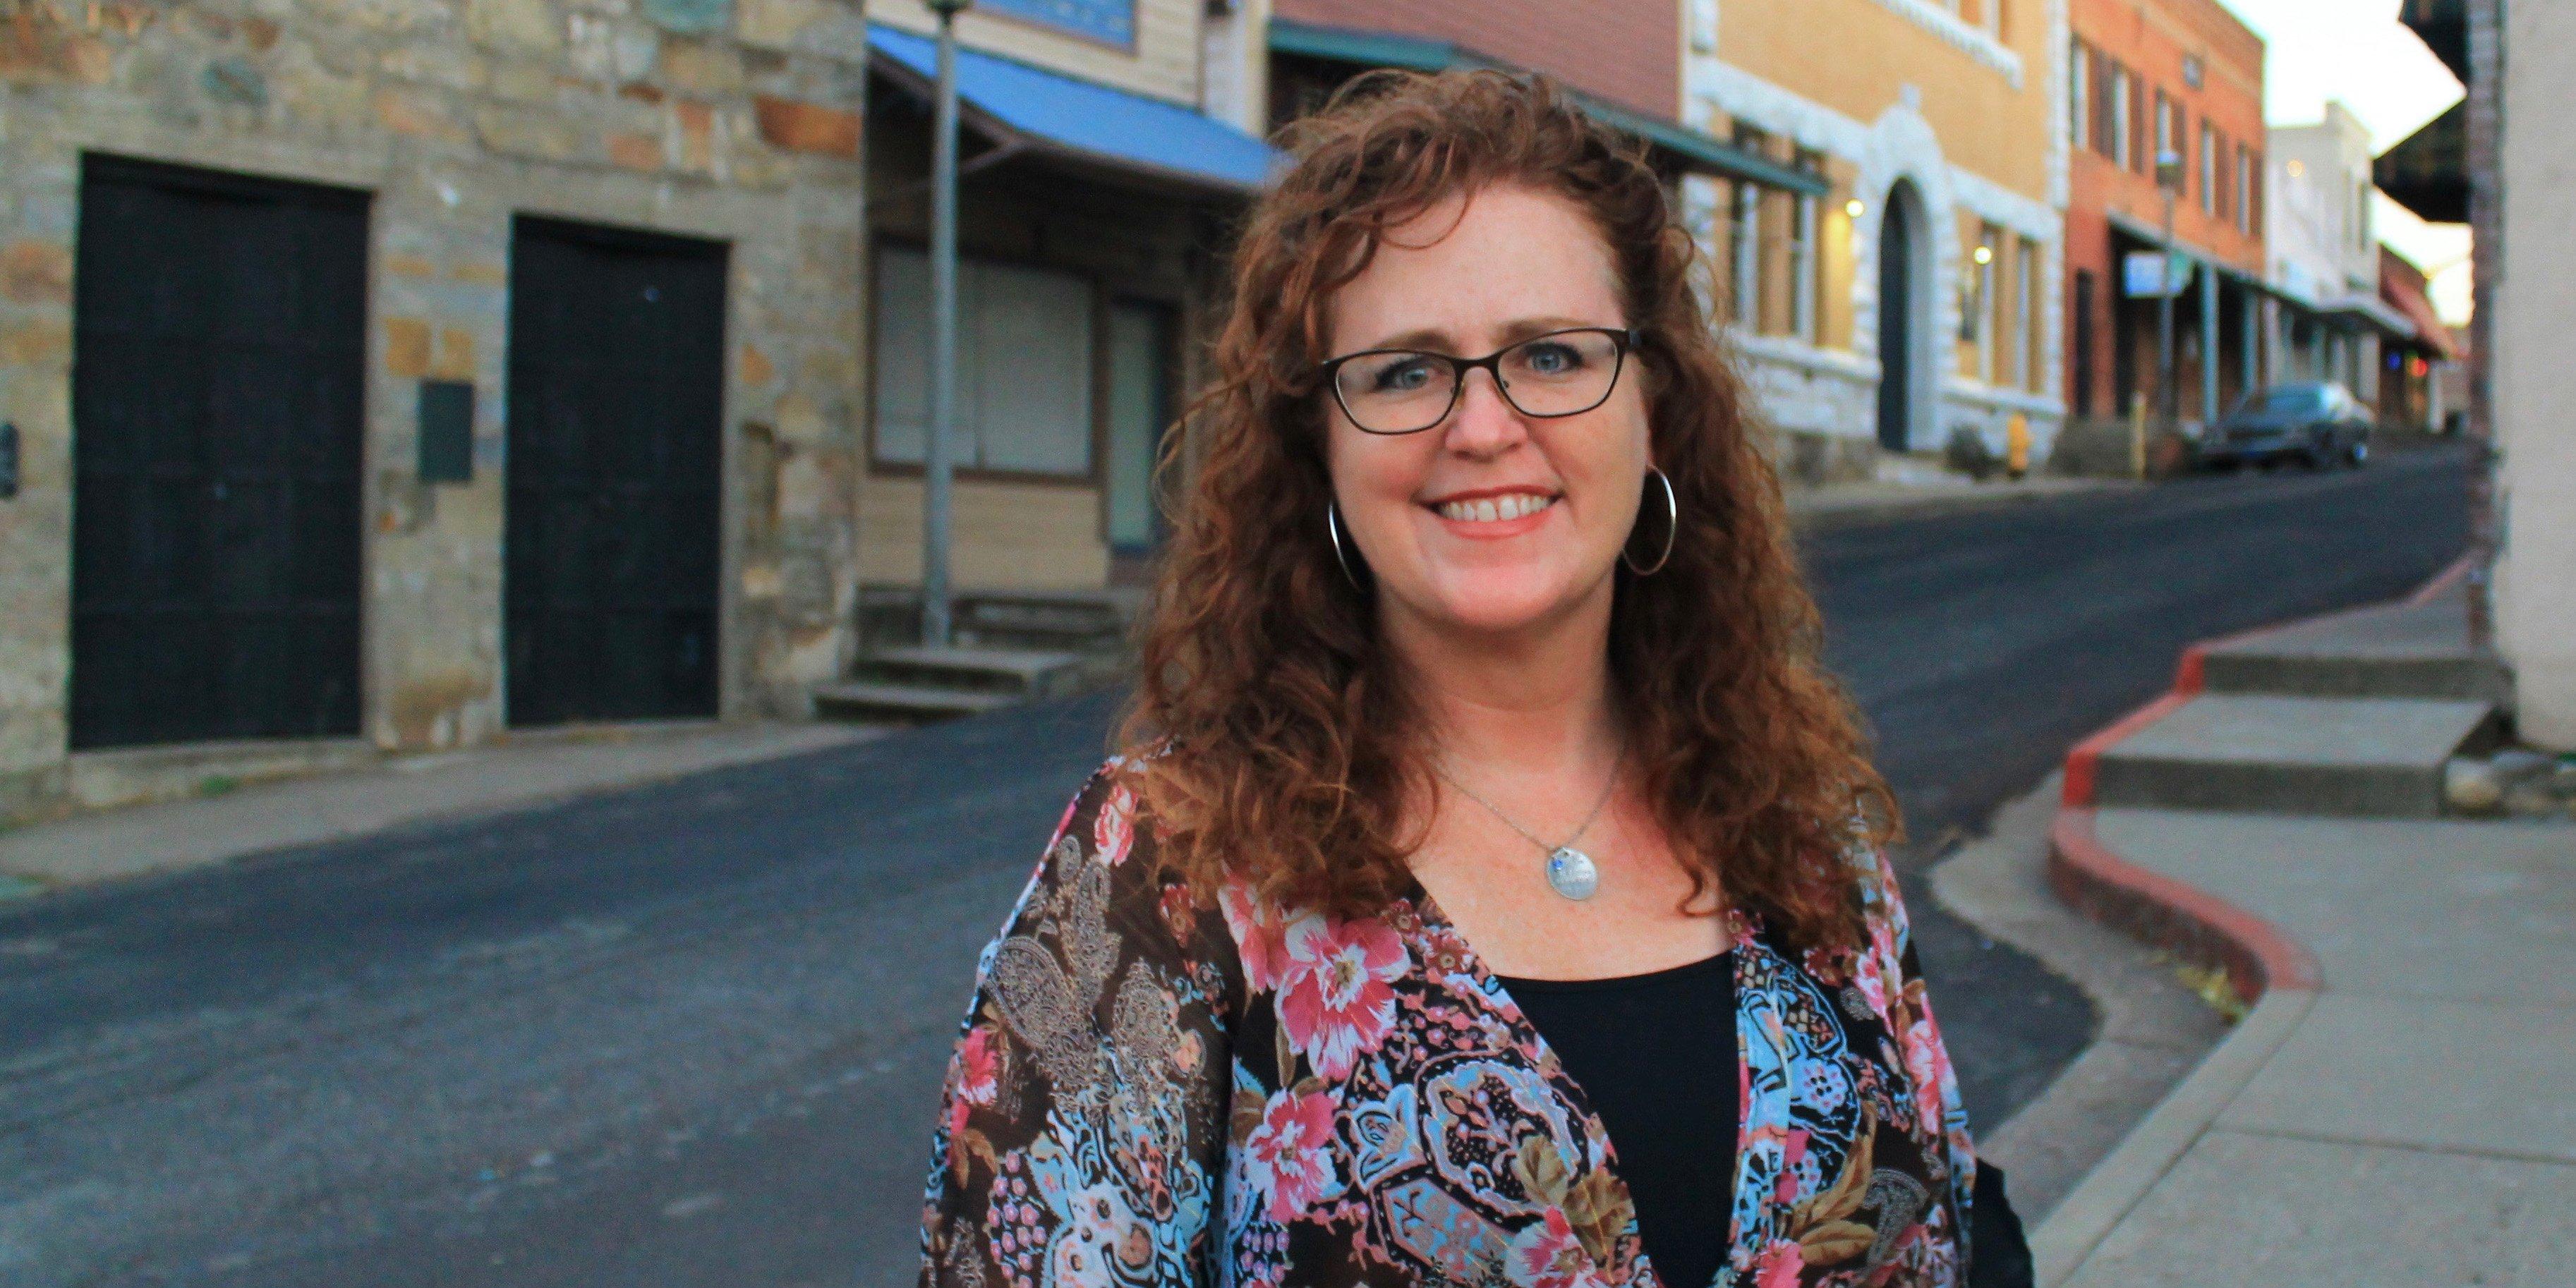 Portrait of Juline Hobbs